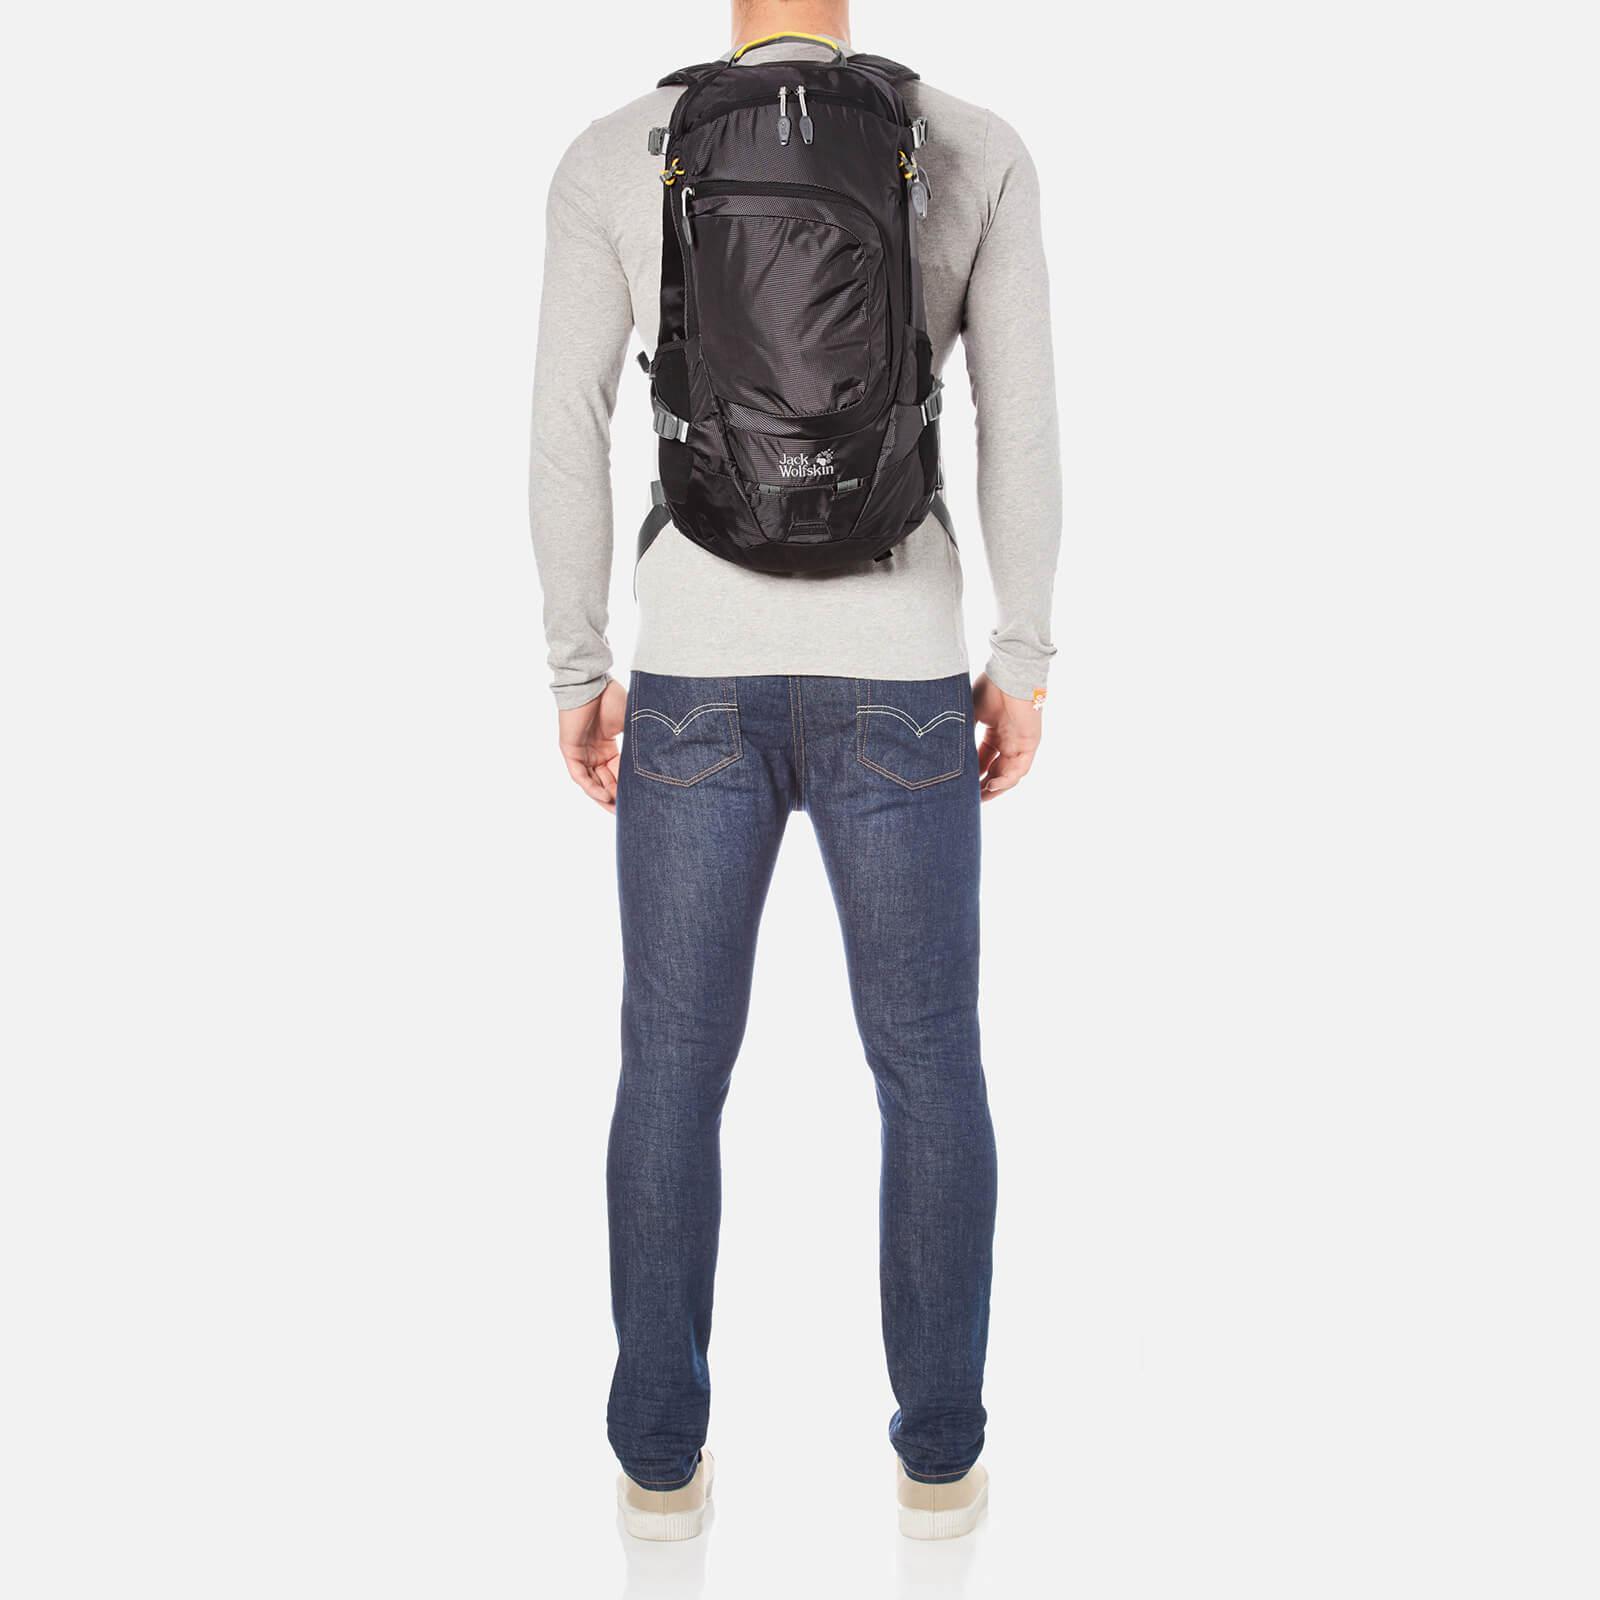 rozmiar 40 najniższa cena dostać nowe Crosser 18 Backpack